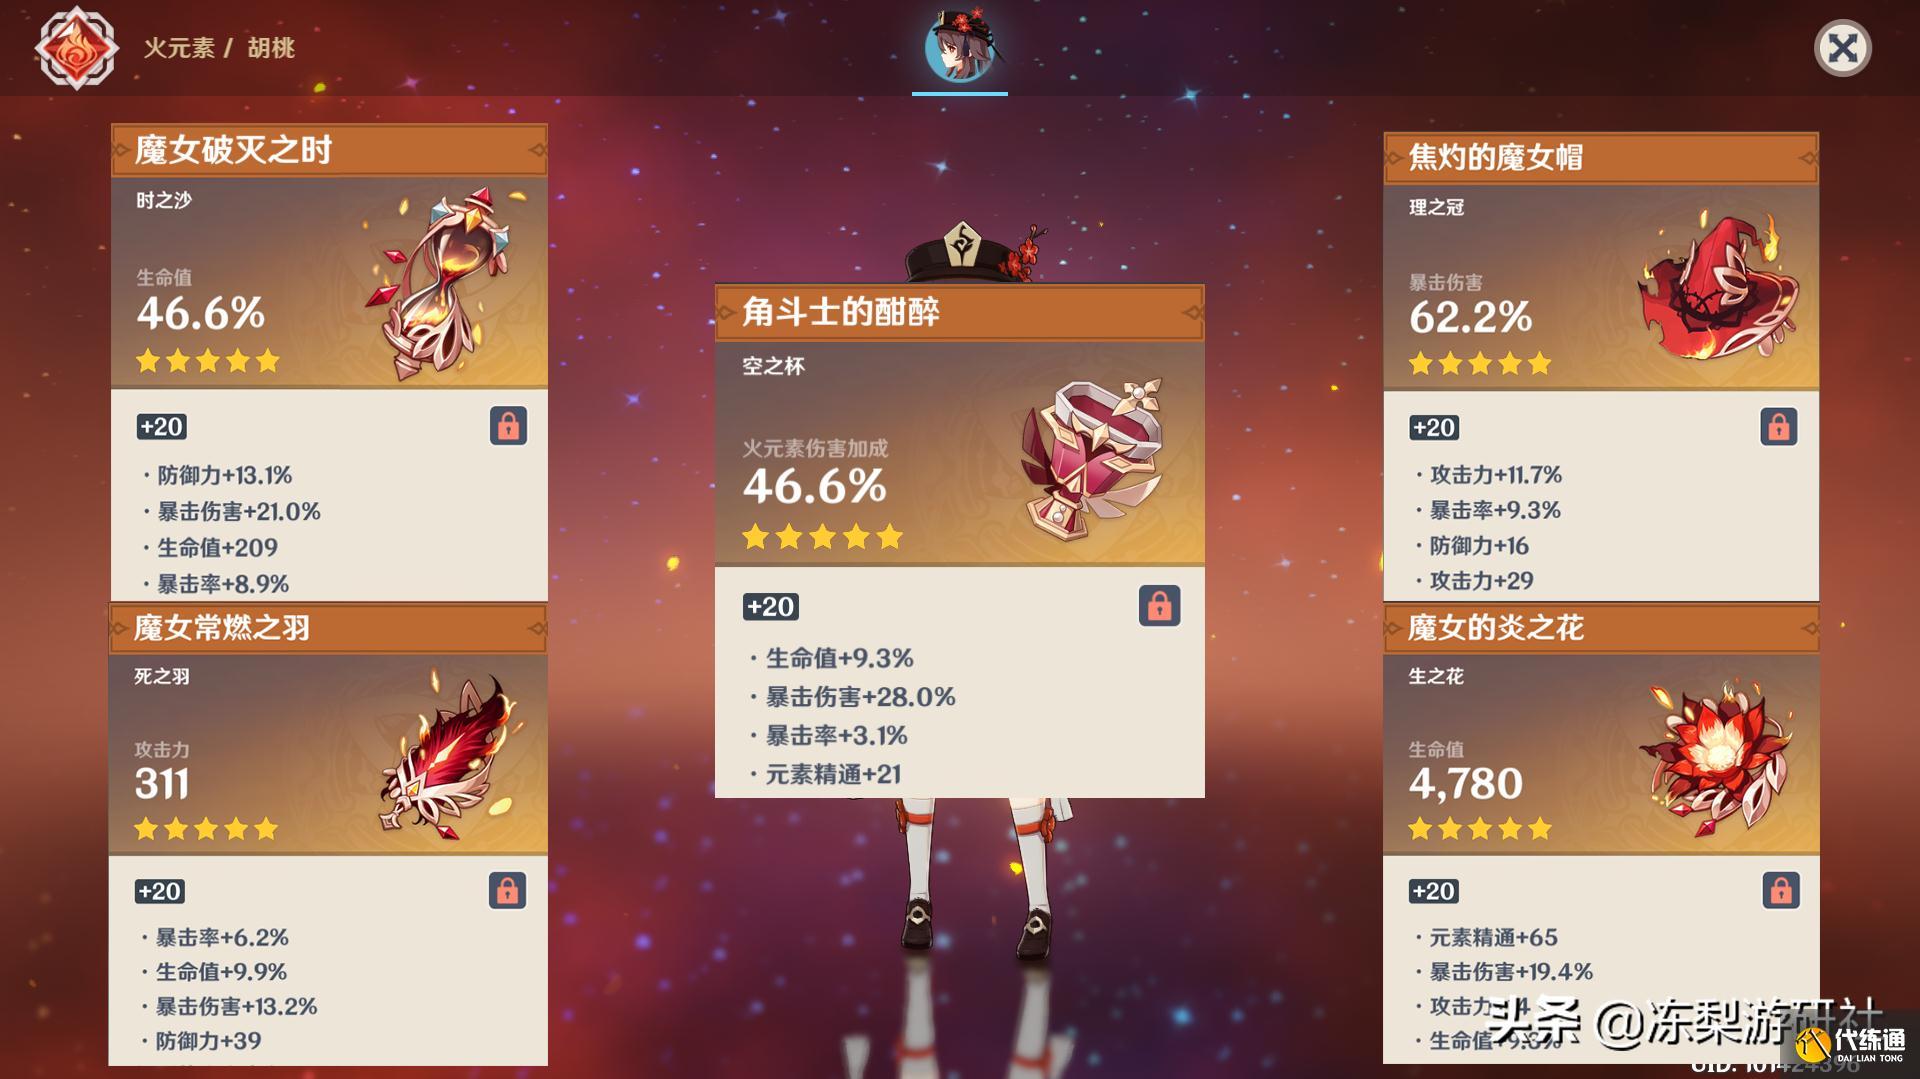 新春聊游戲:原神4種胡桃圣遺物配裝方案,涵蓋散件與整裝